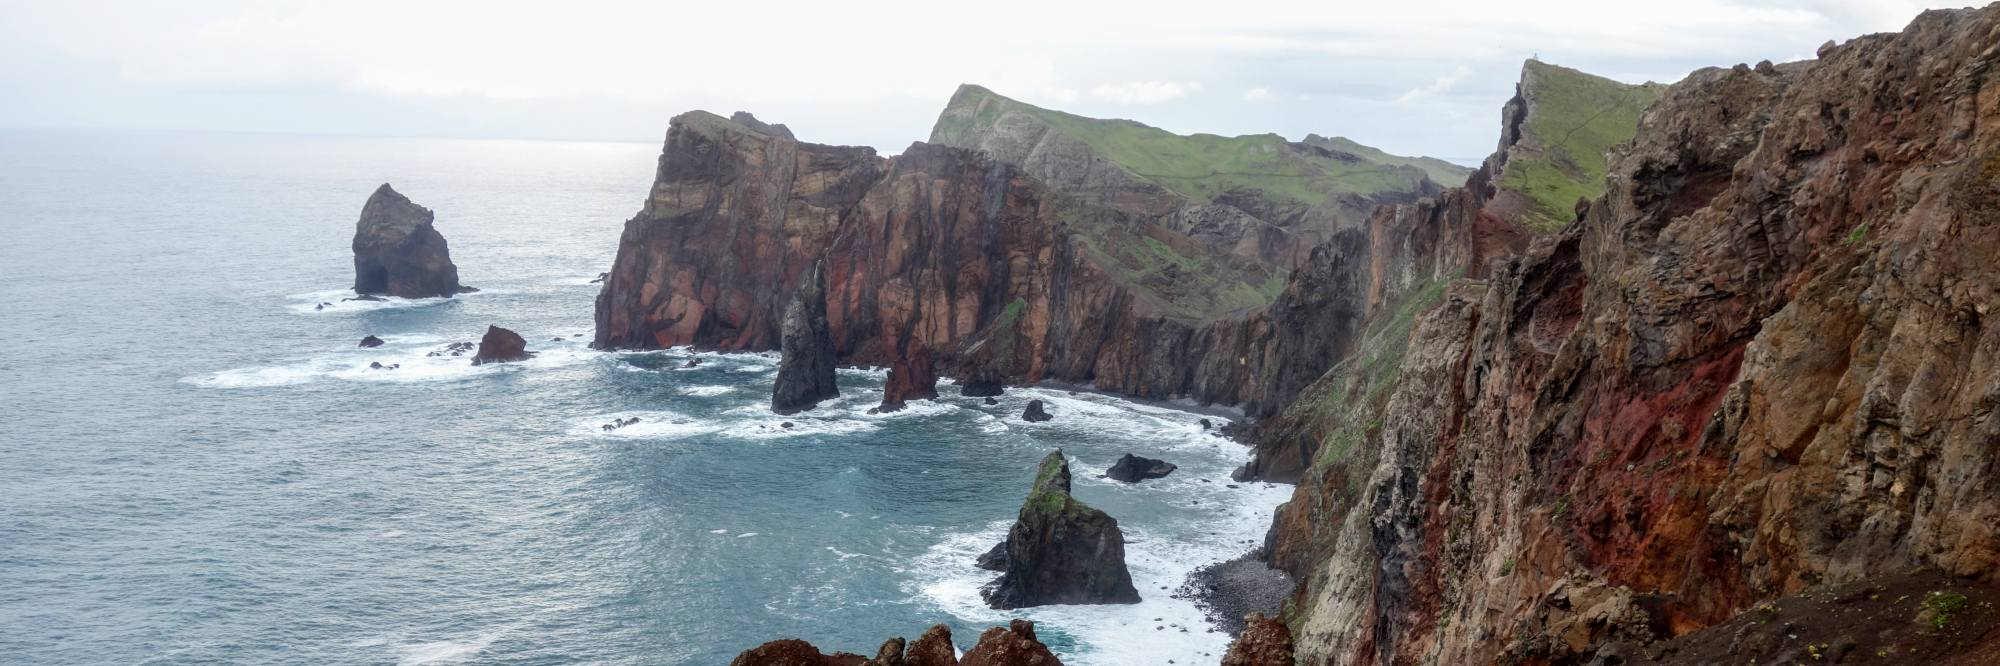 het uiterste punt van het eiland Madeira